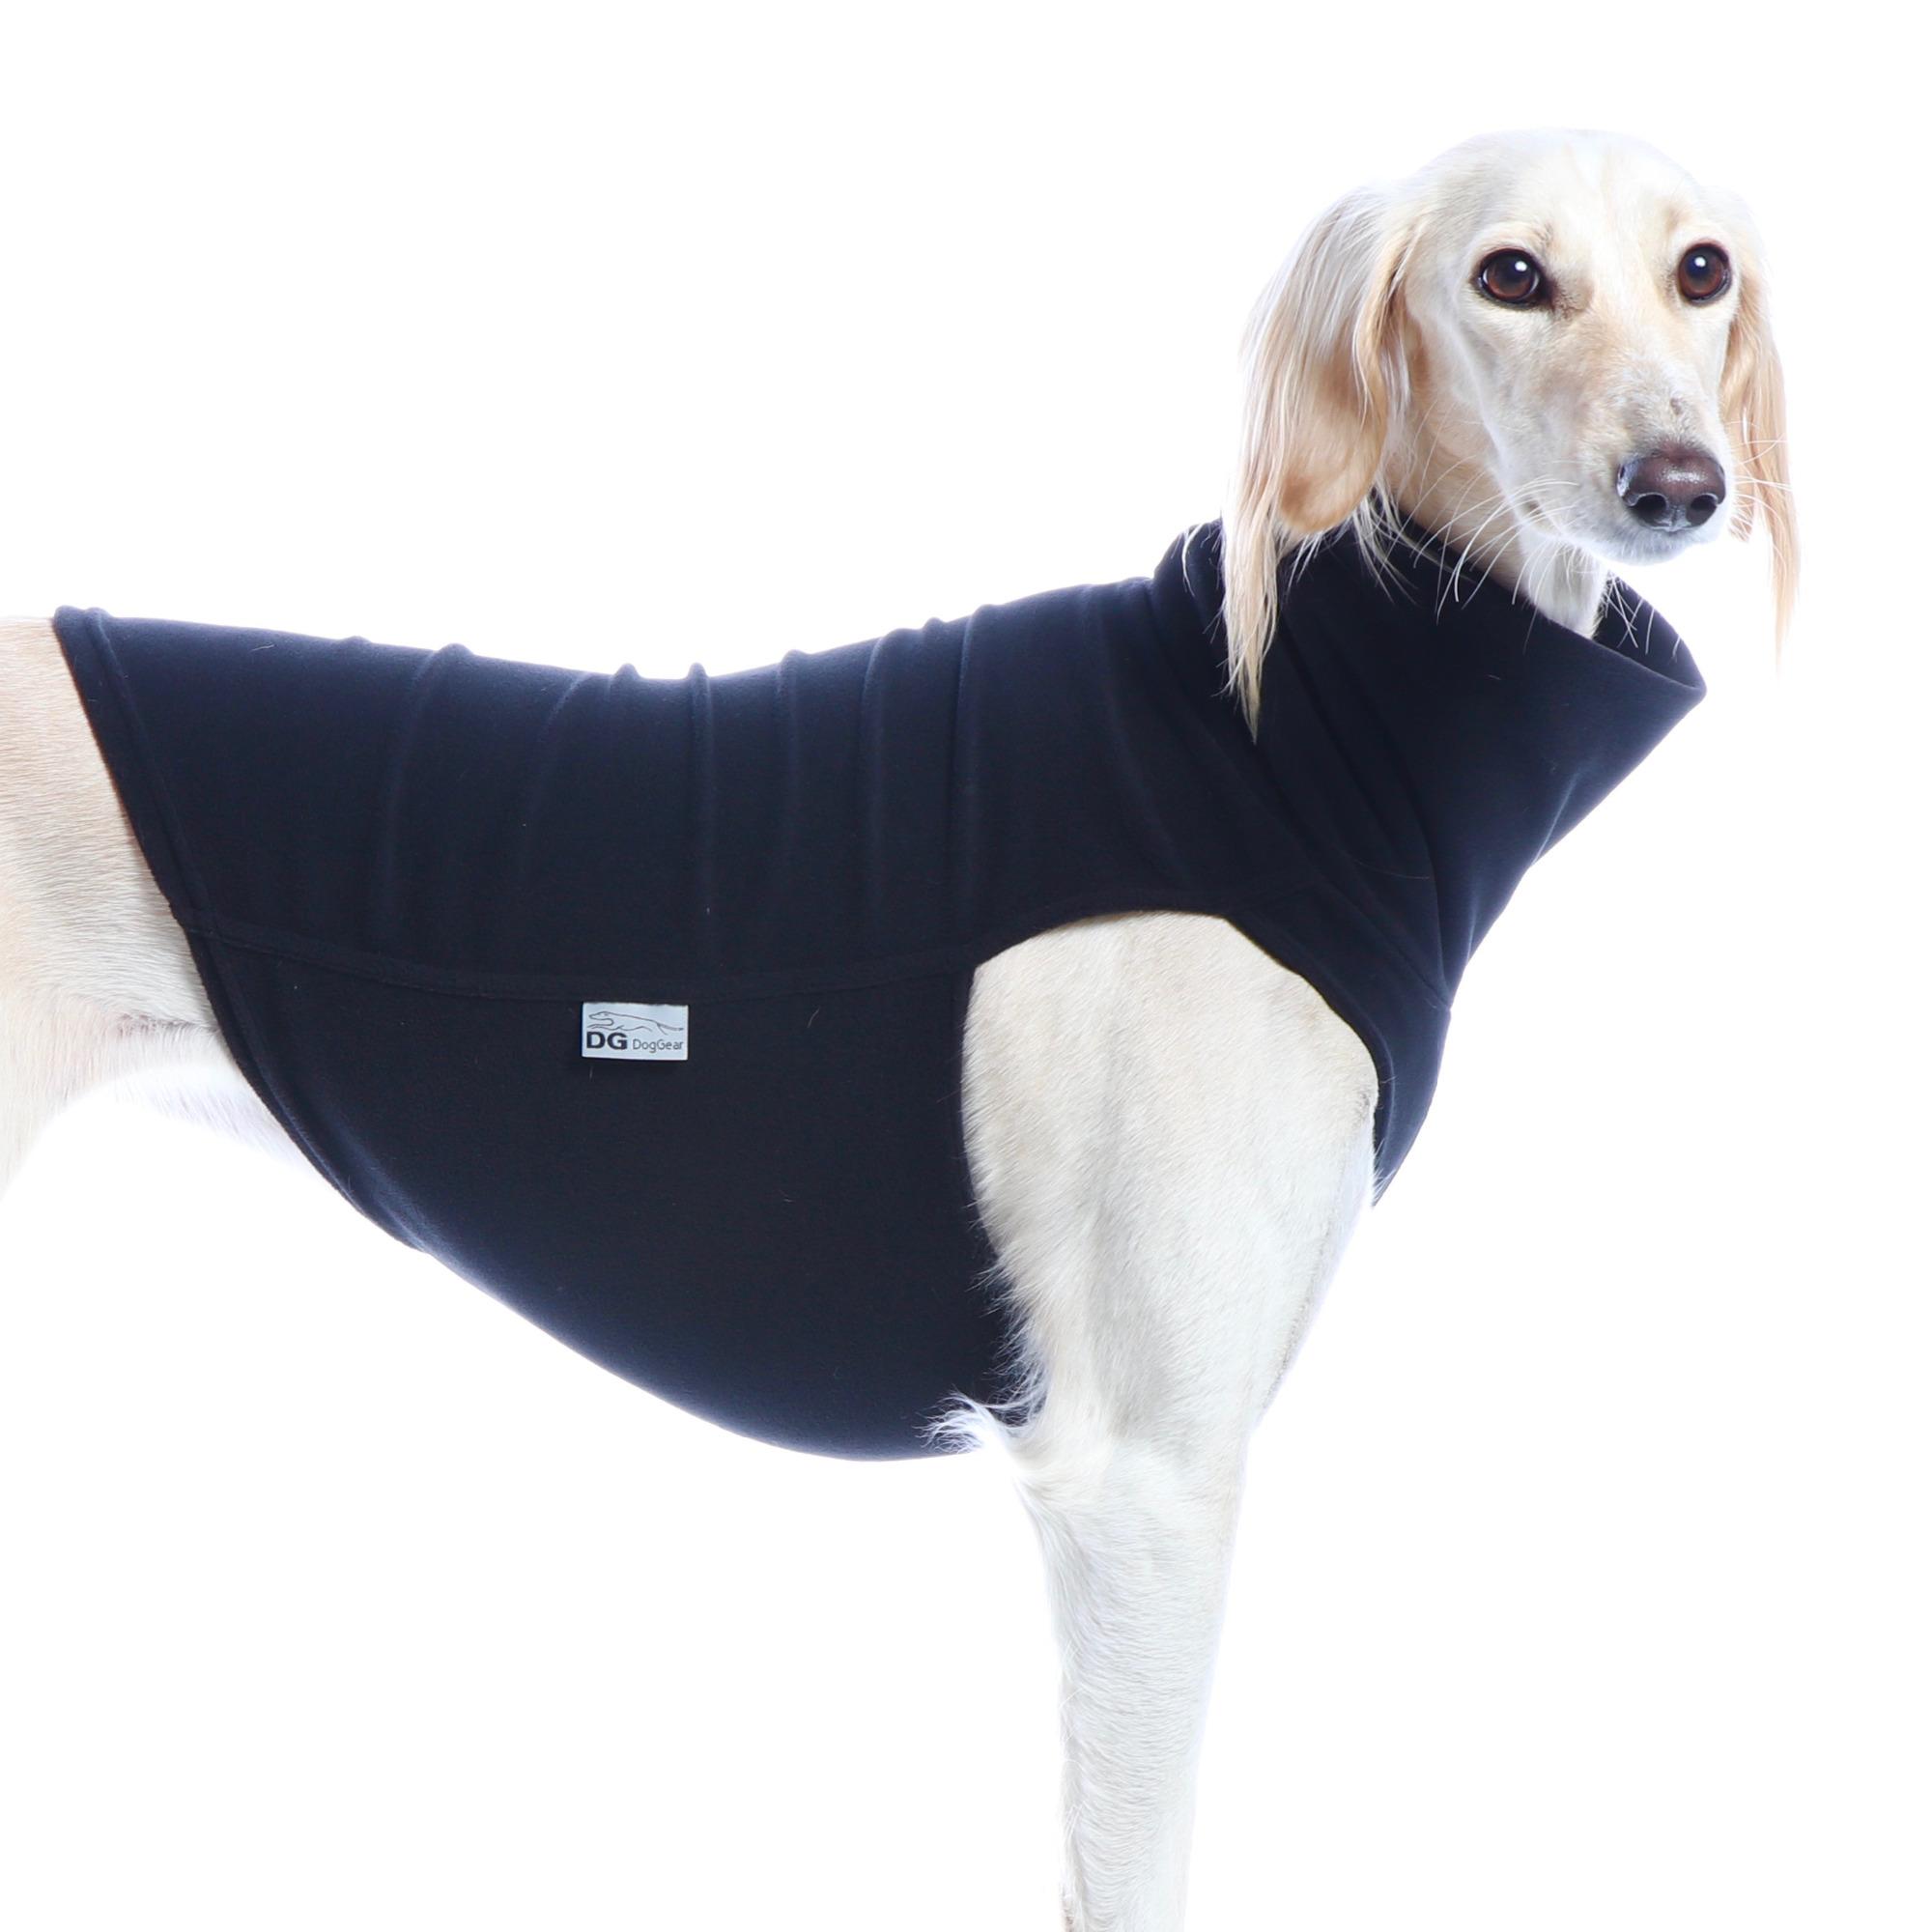 DG DogGear Unterwäsche Extra Warm Black